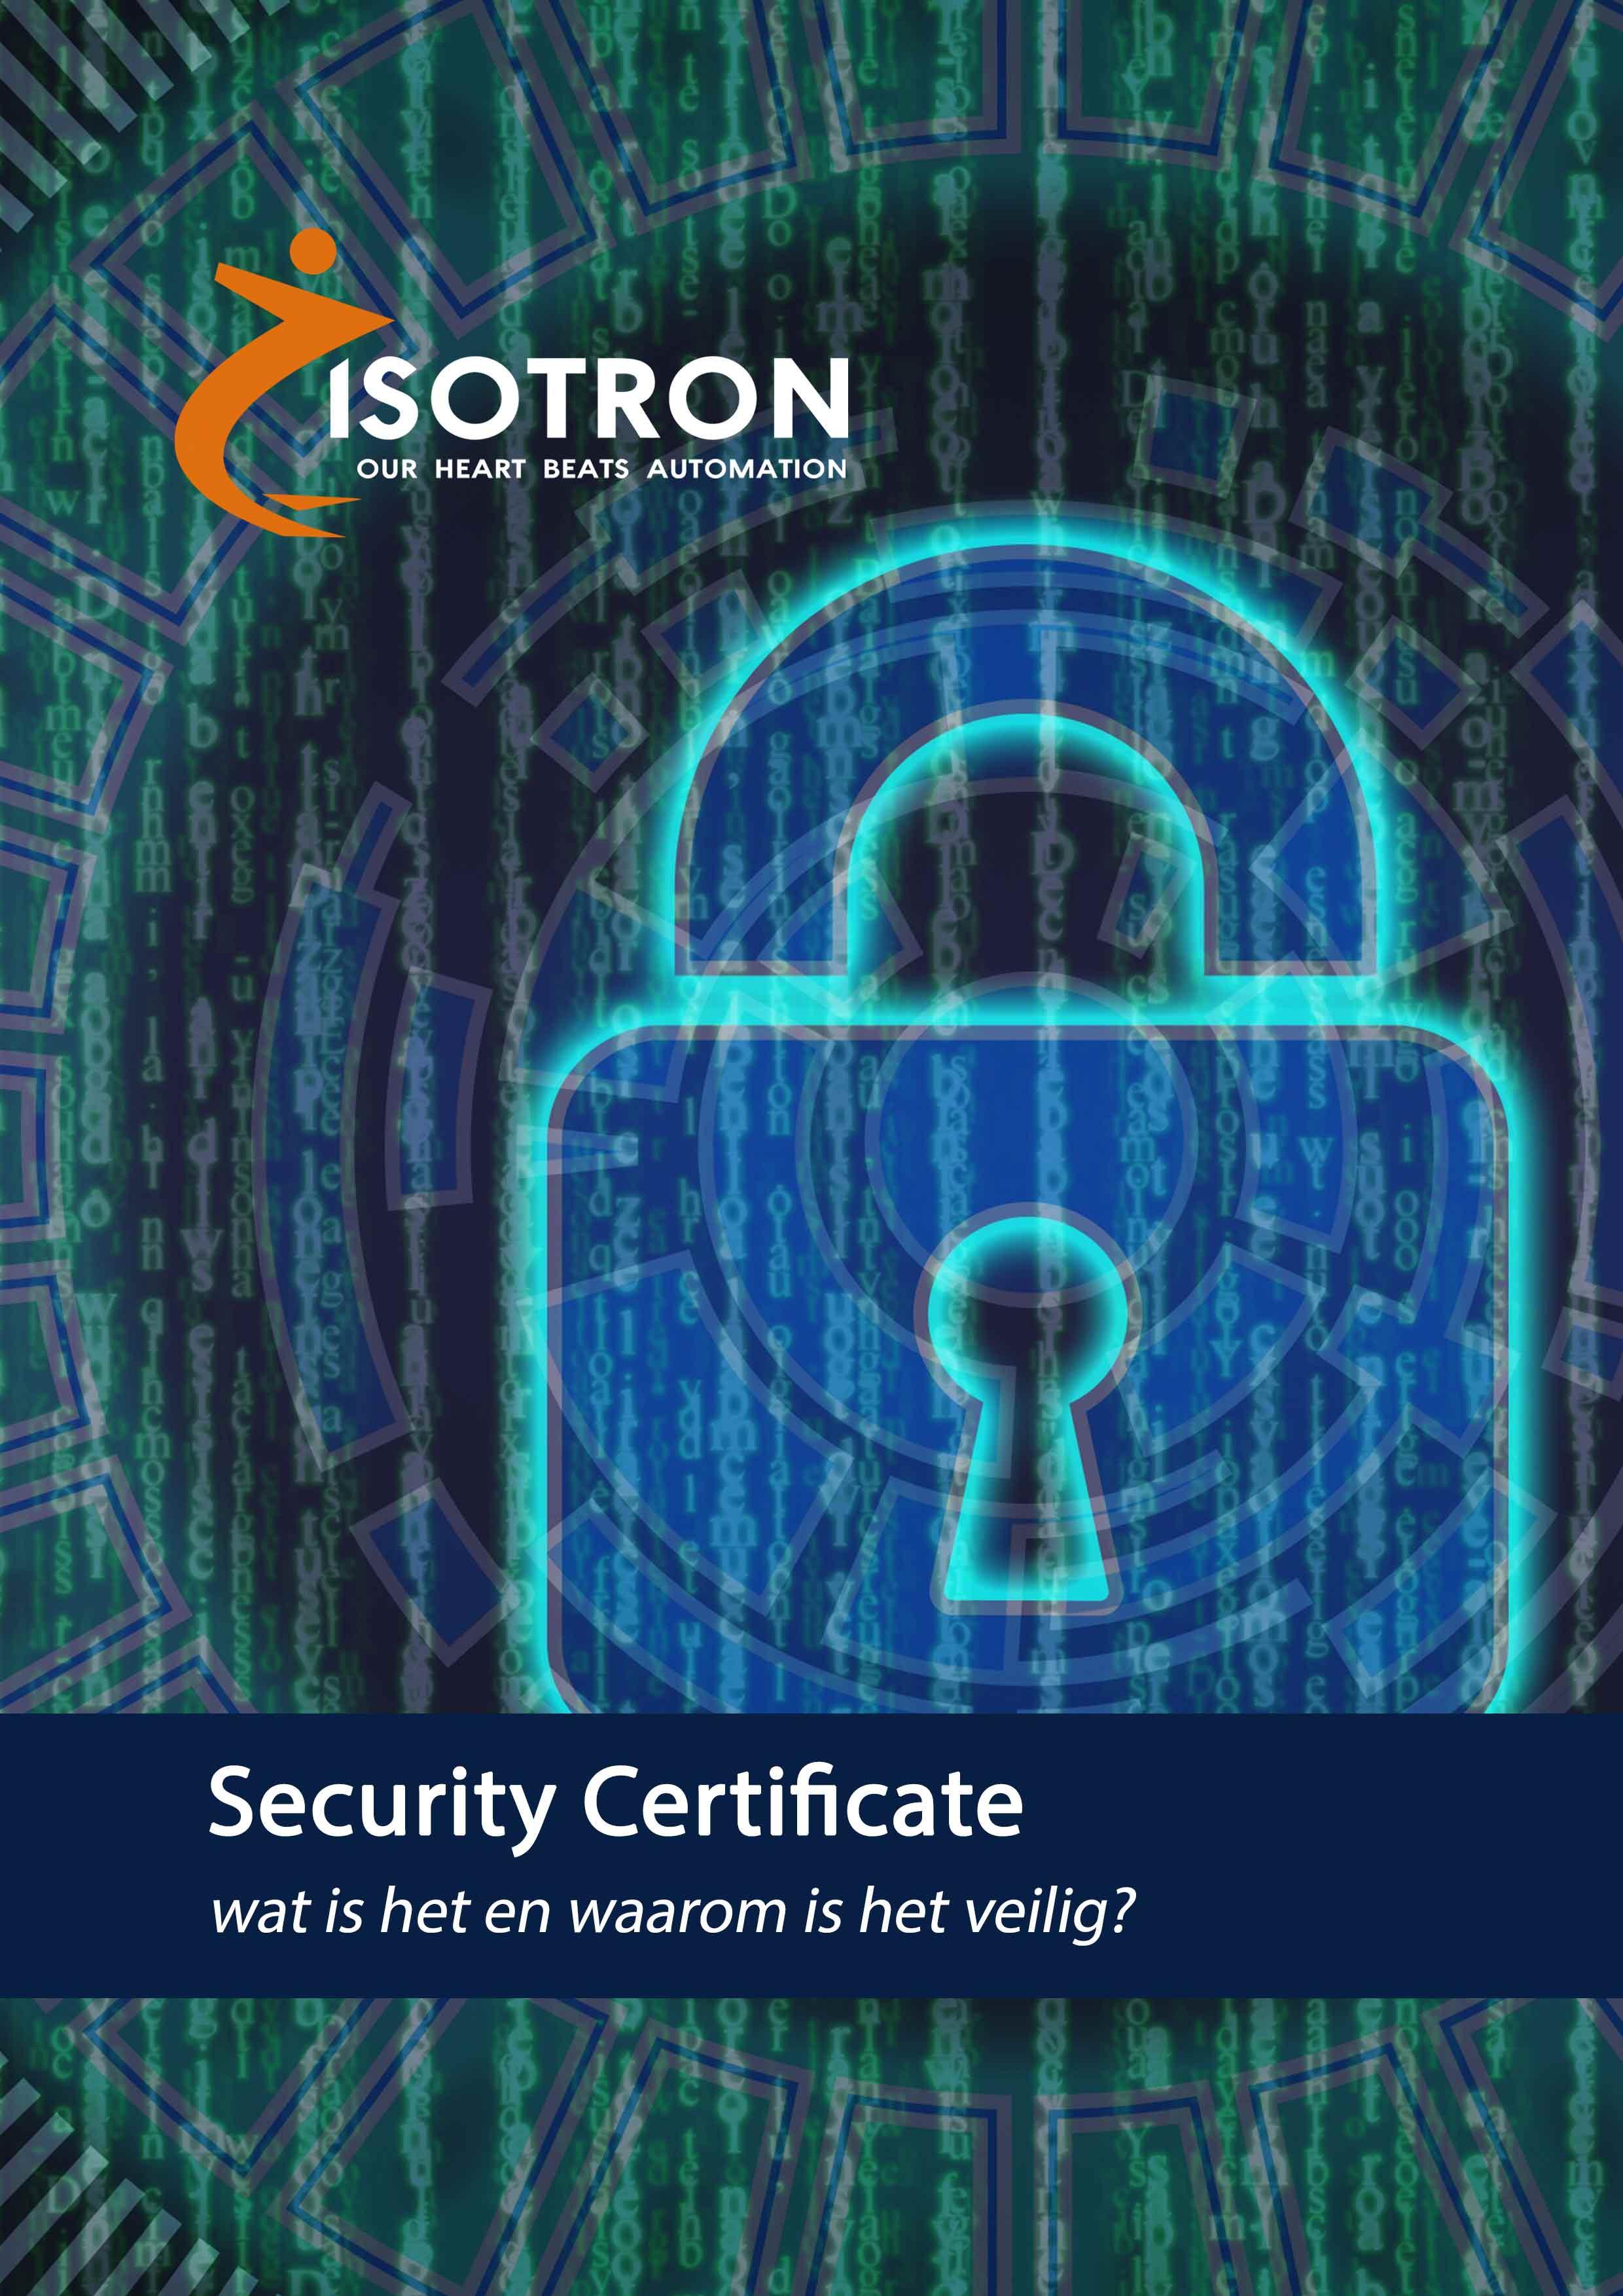 Security certificate: Wat is het en waarom is het veilig?